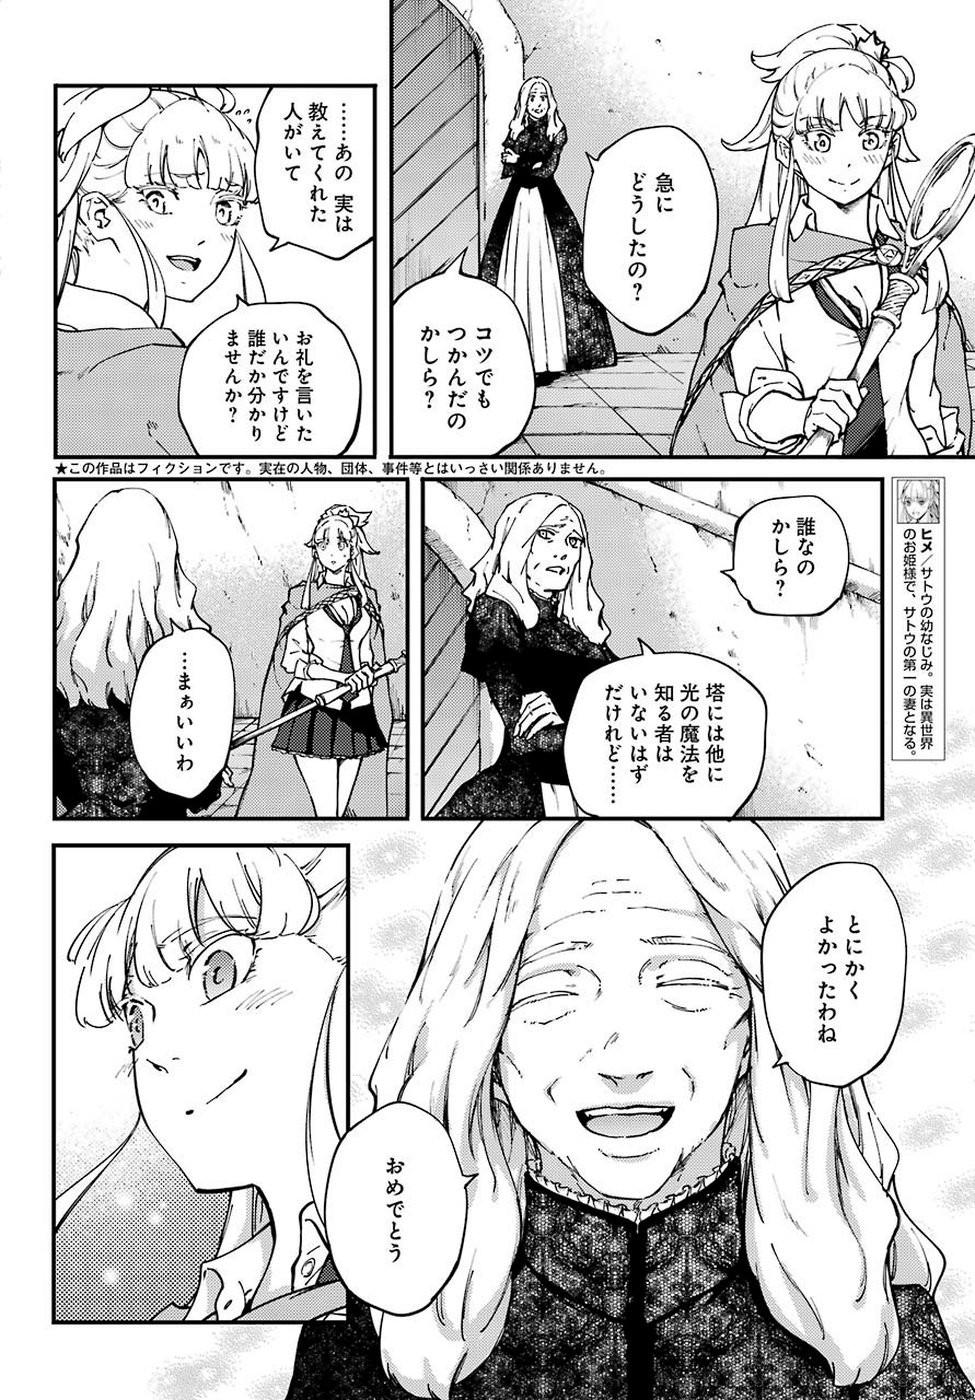 Kekkon-Yubiwa-Monogatari - Chapter 49.5 - Page 2